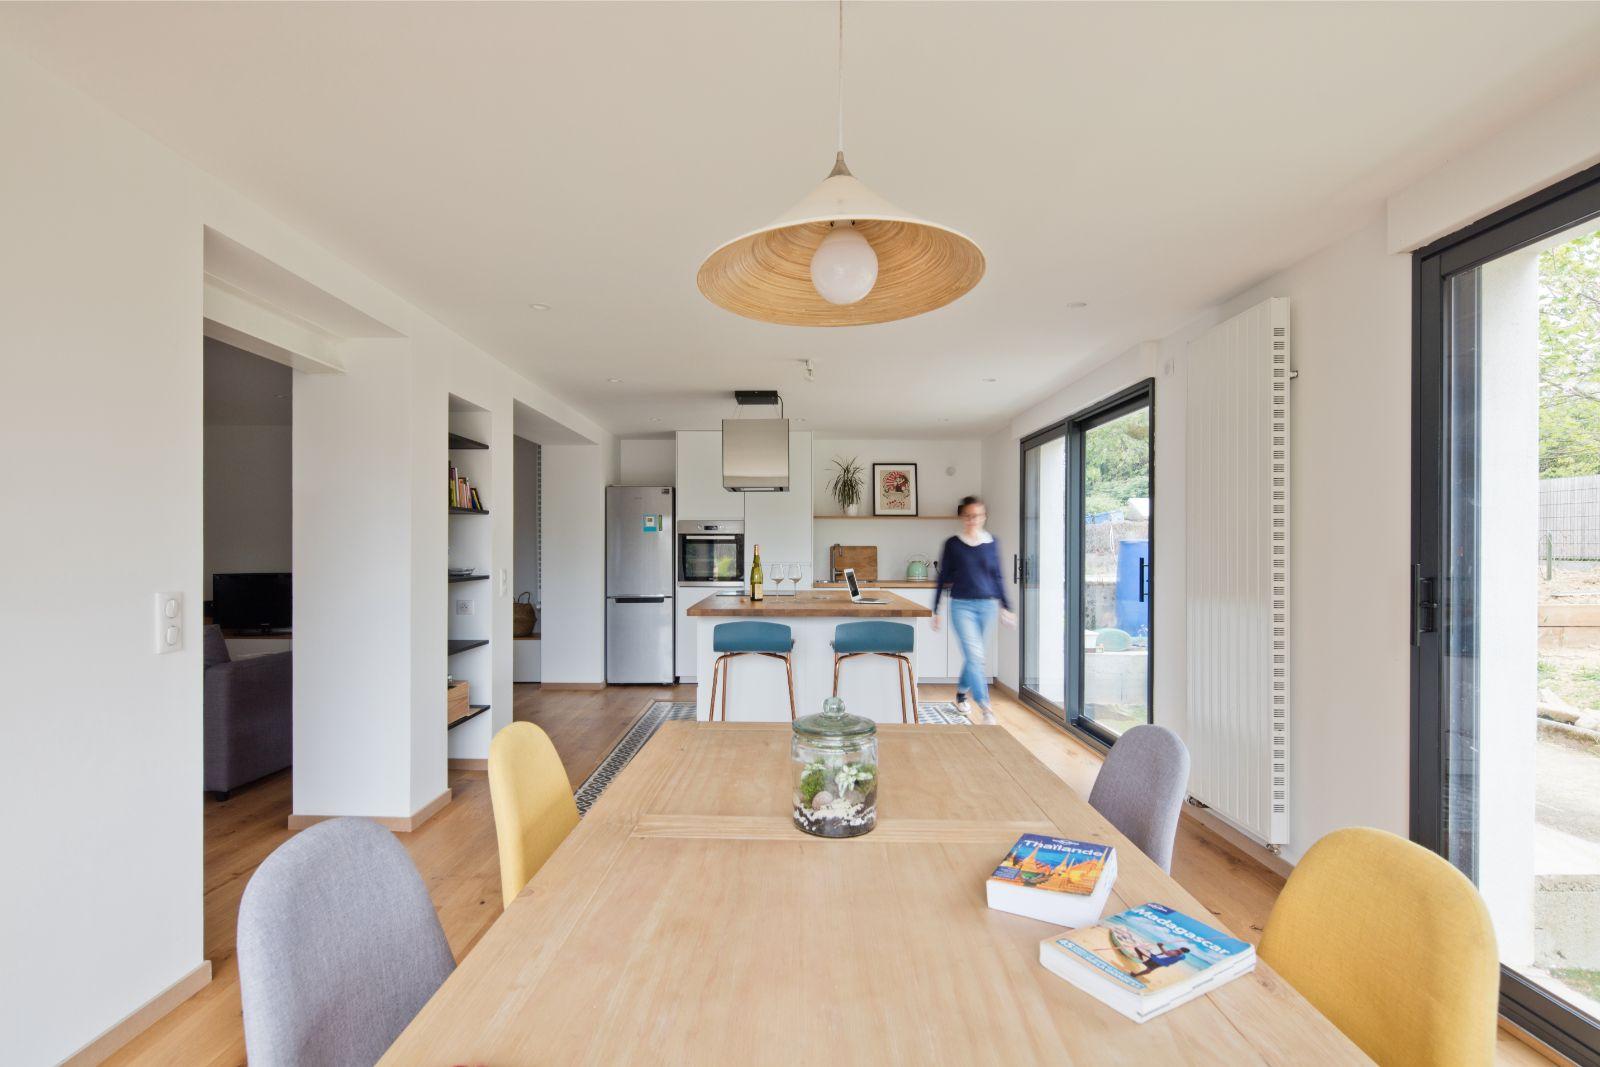 Archibien projet rénovation de maison à Nantes. Grand salon aménagé lumineux donnant sur la cuisine et la salle à manger.